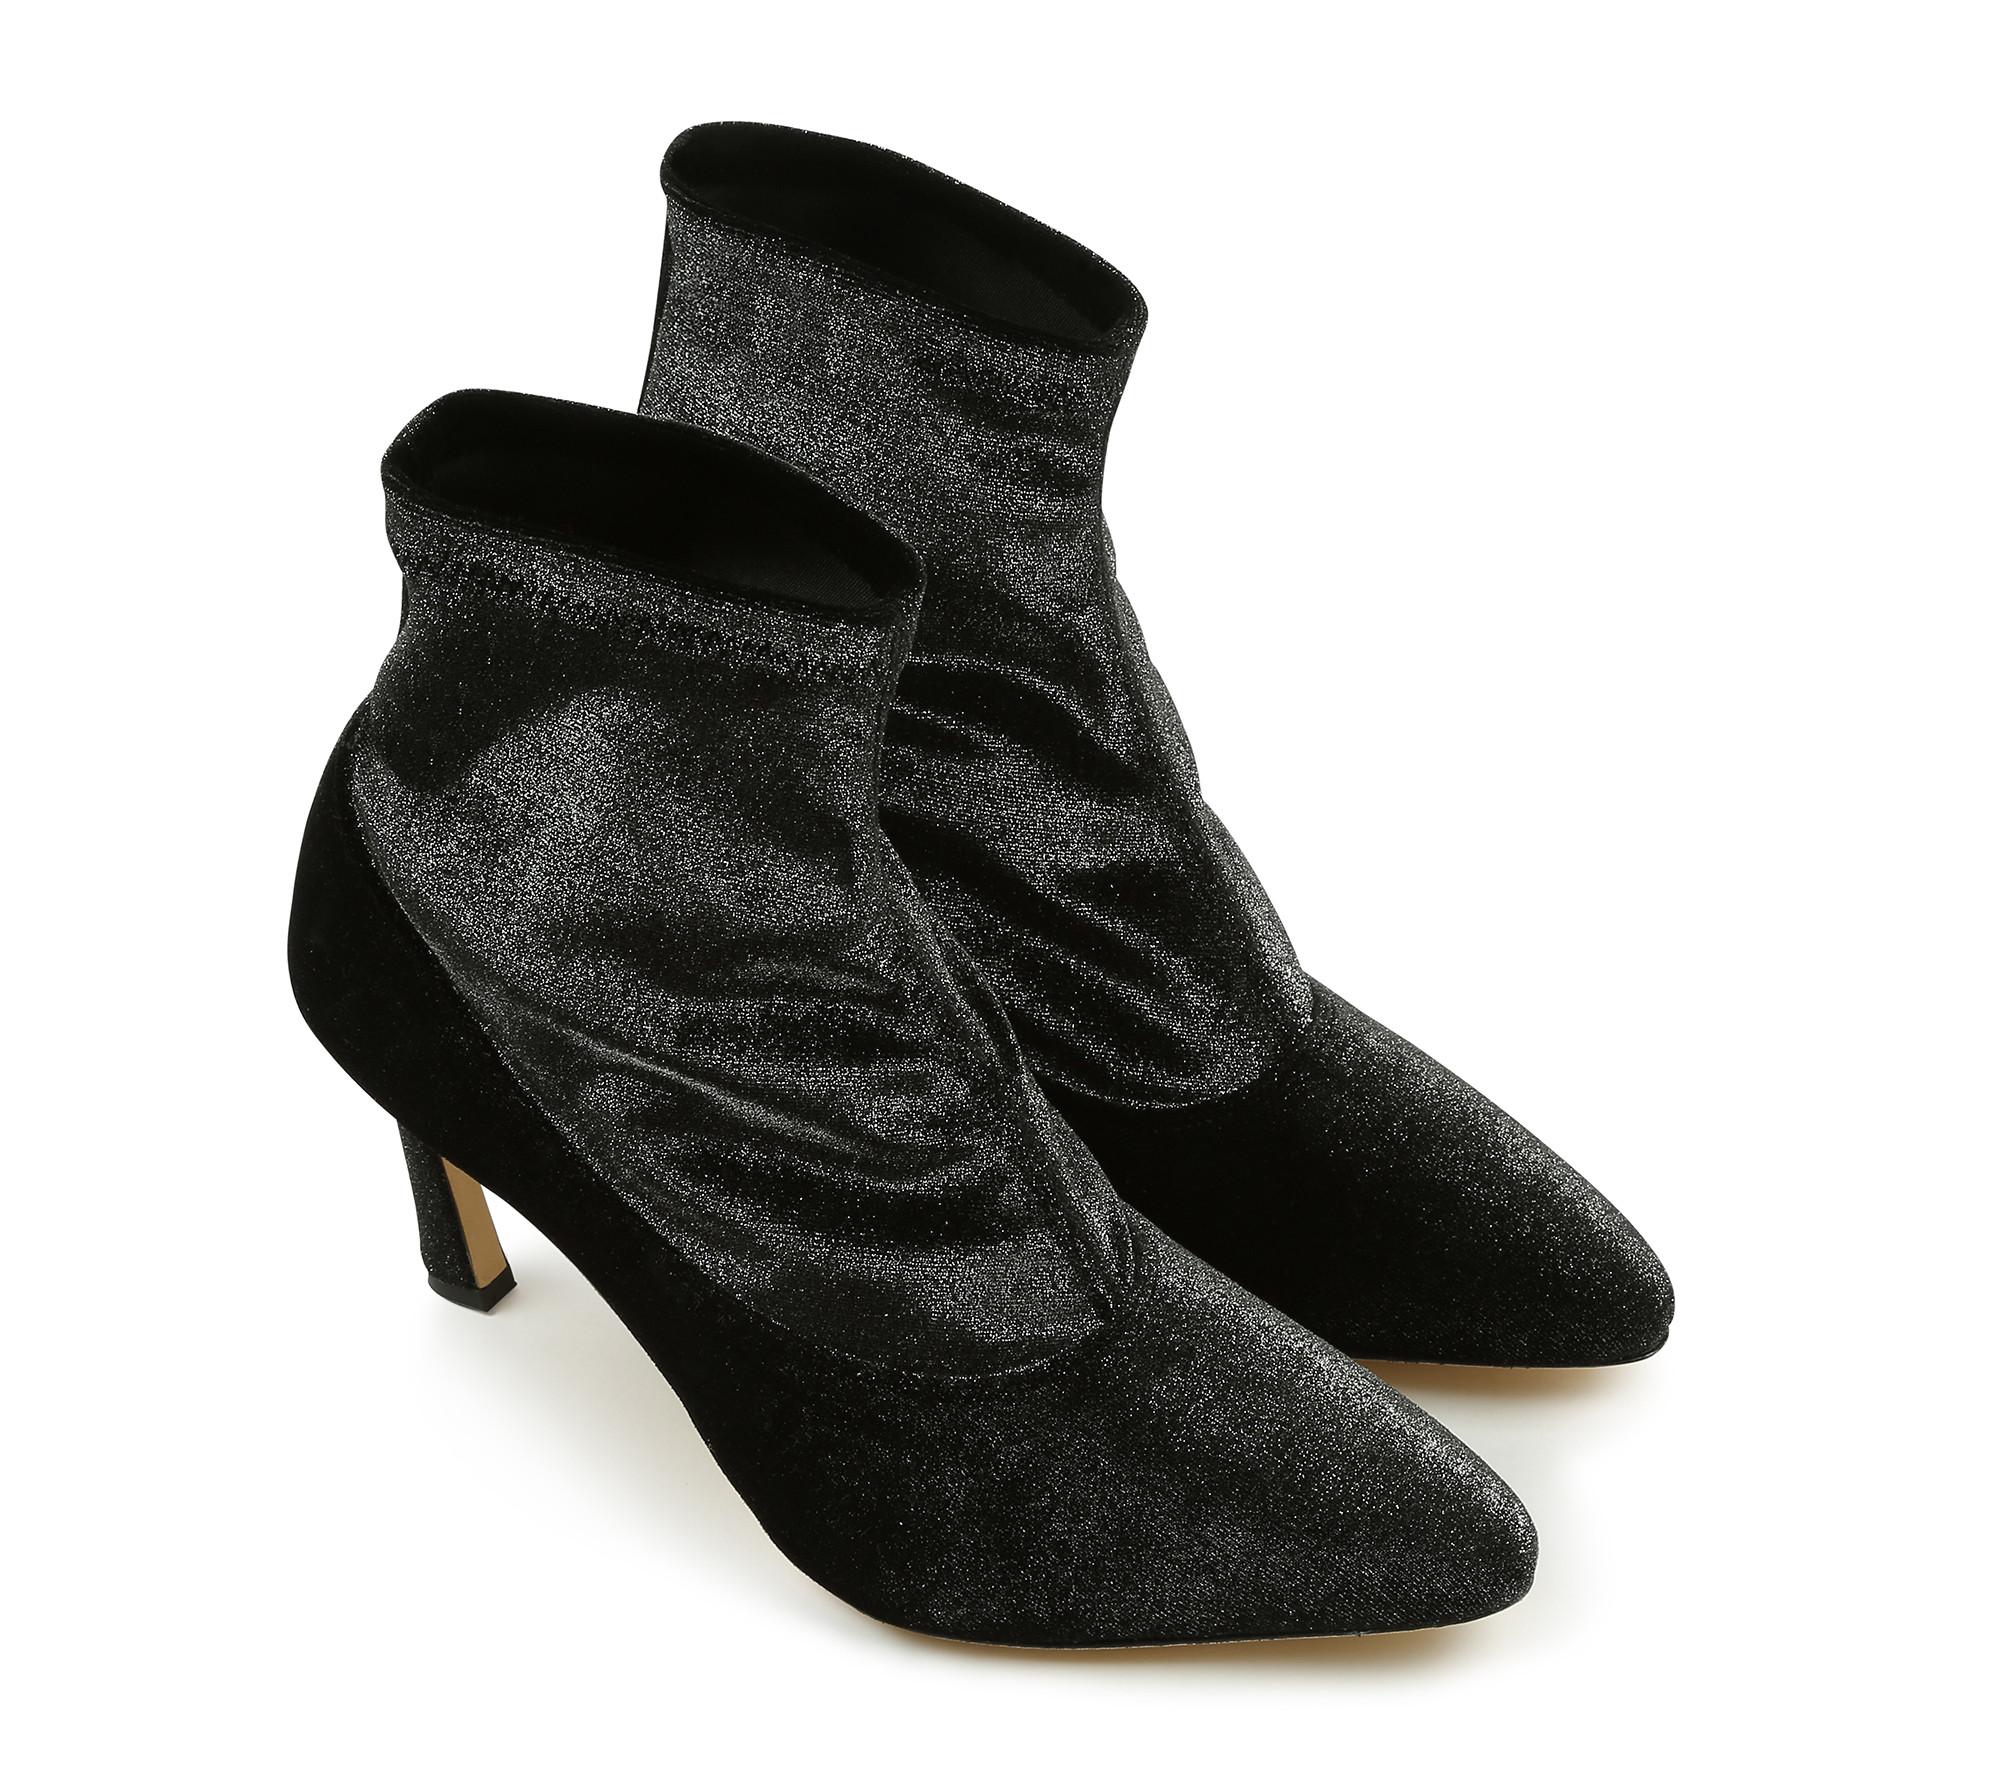 Joconde boots